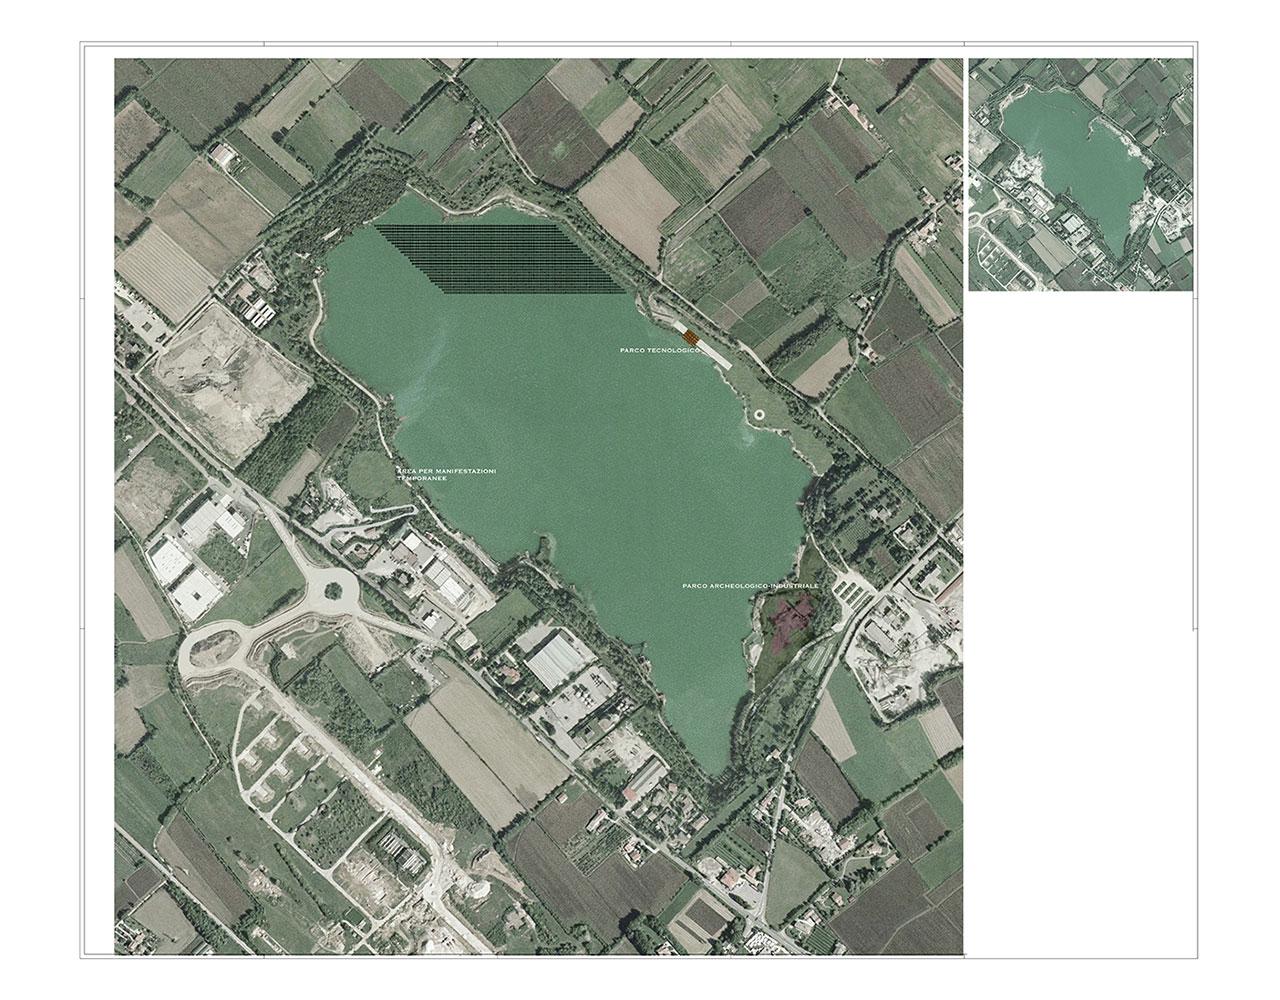 Recupero paesaggistico di polo estrattivo nel Trevigiano | Ponzano Veneto (TV)